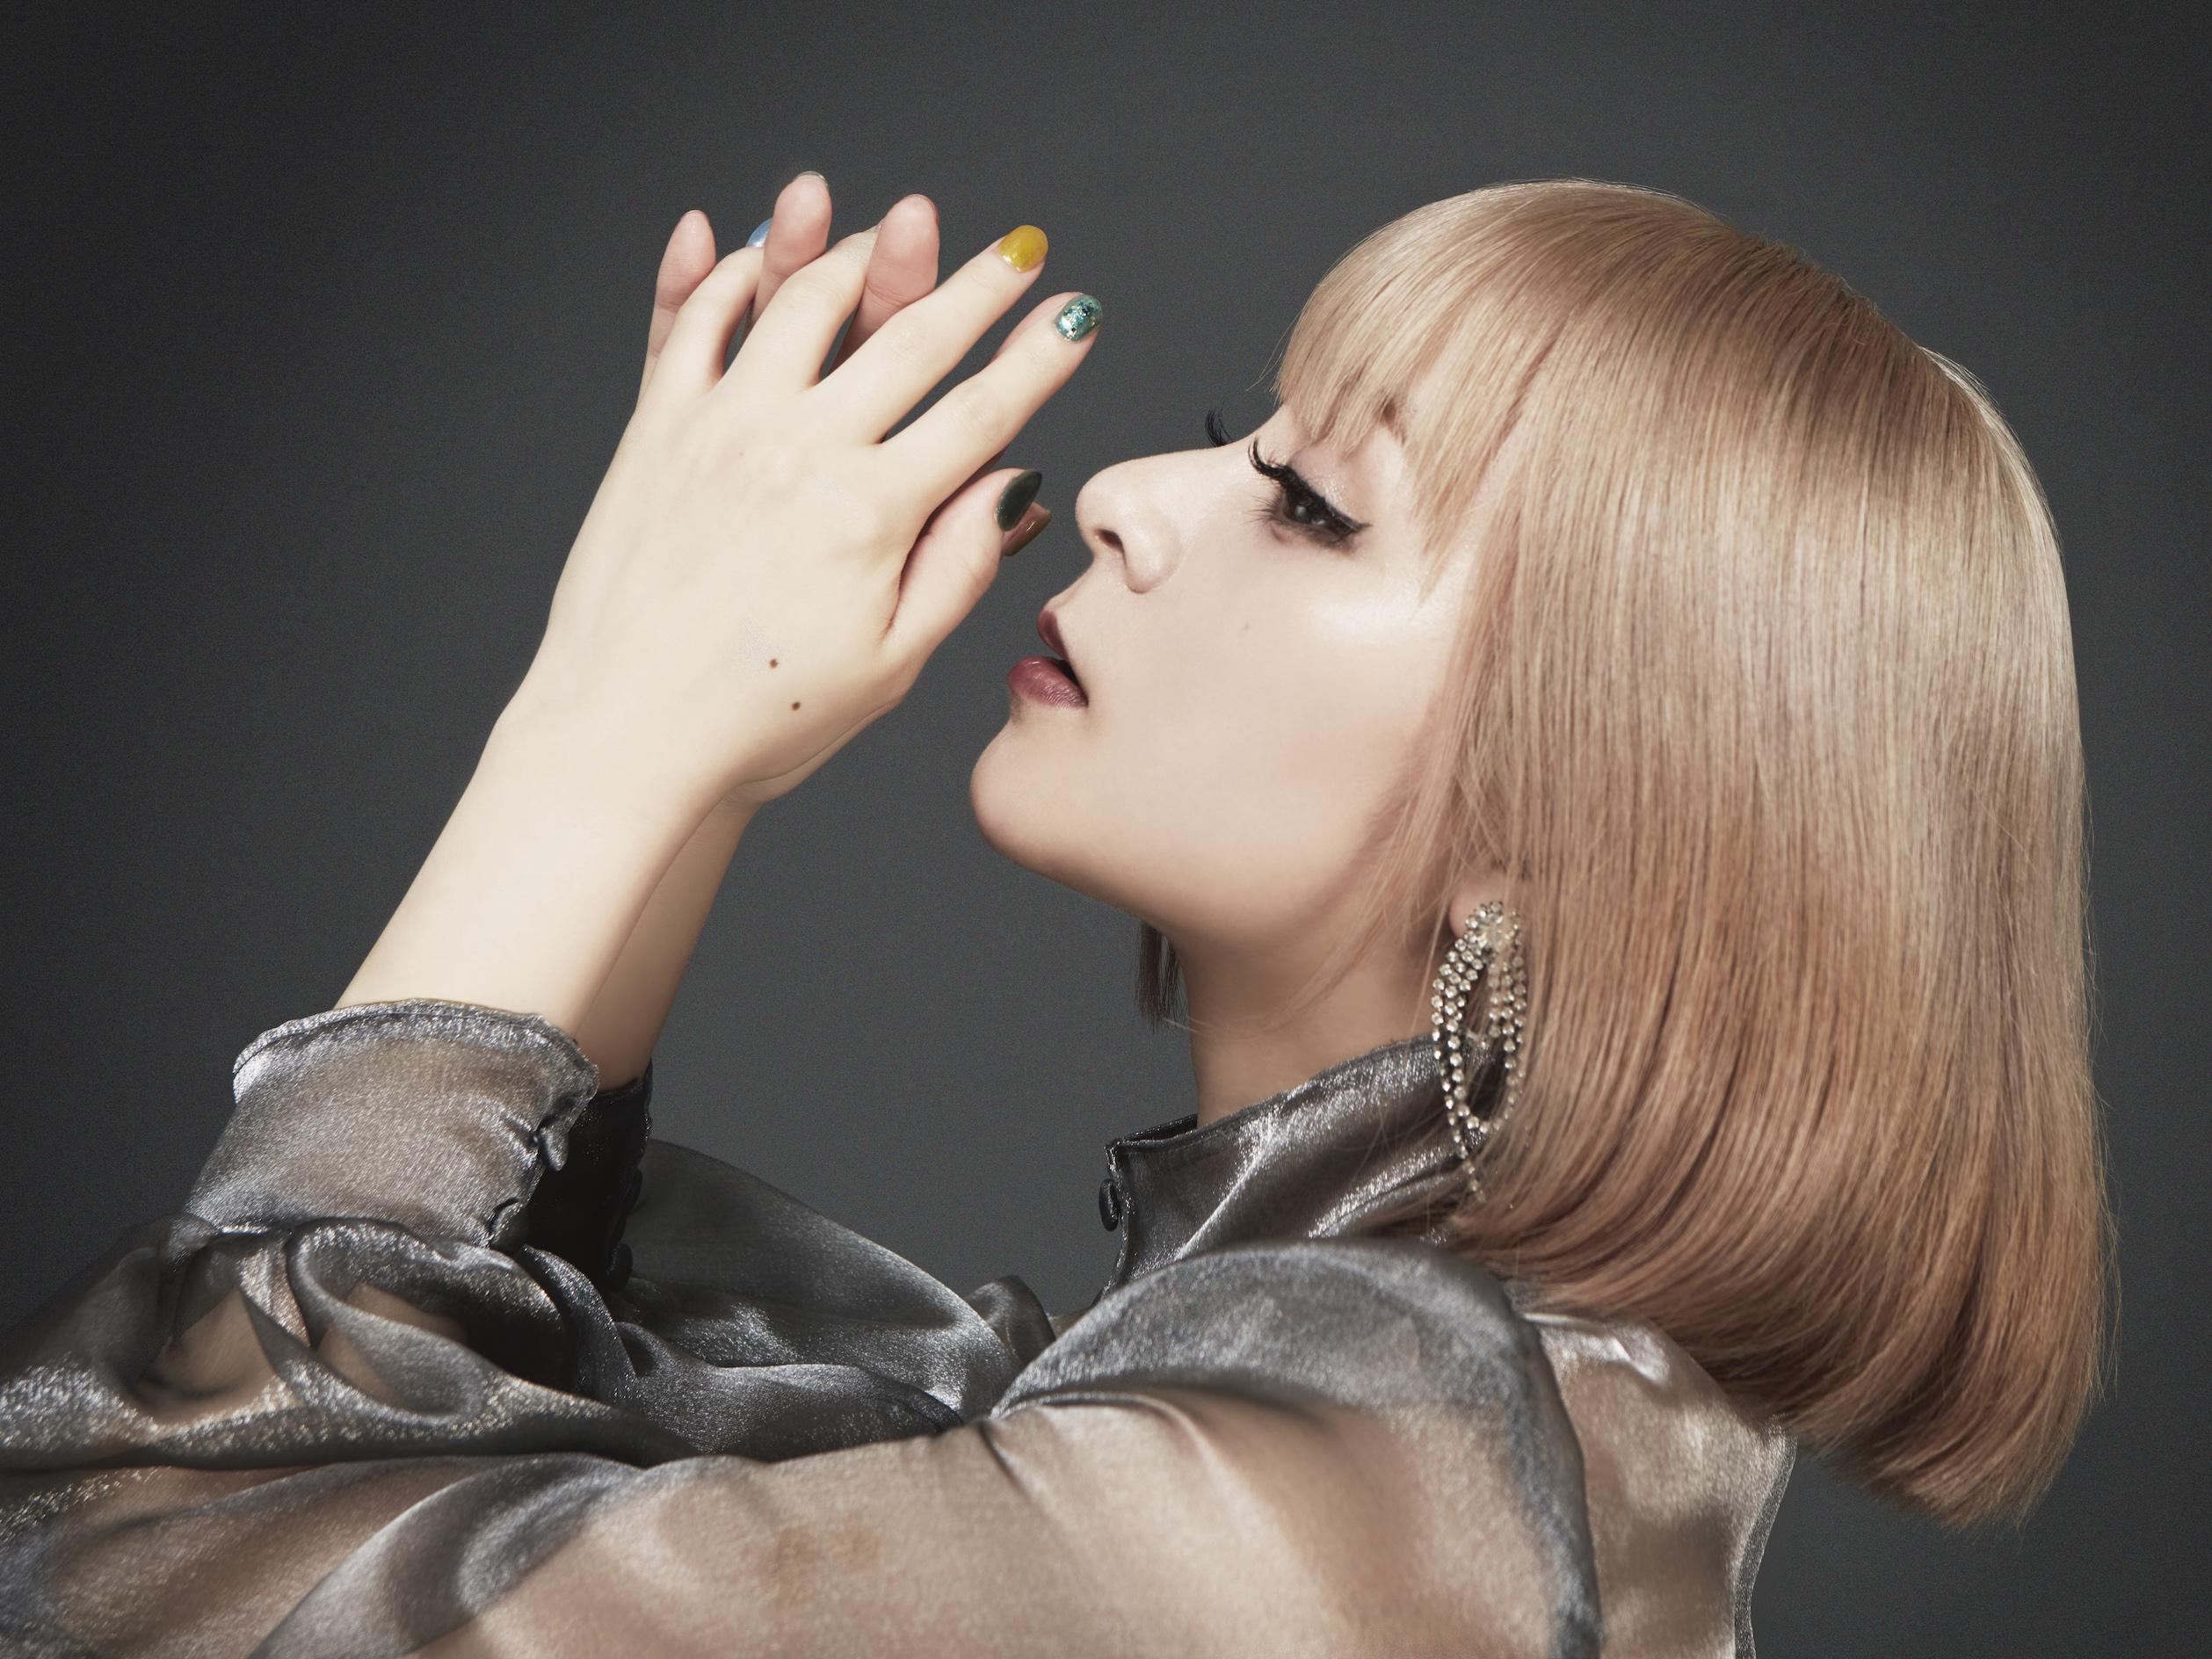 5月16日(日)MARiAソロアルバム「うたものがたり」発売記念オンライン特典会